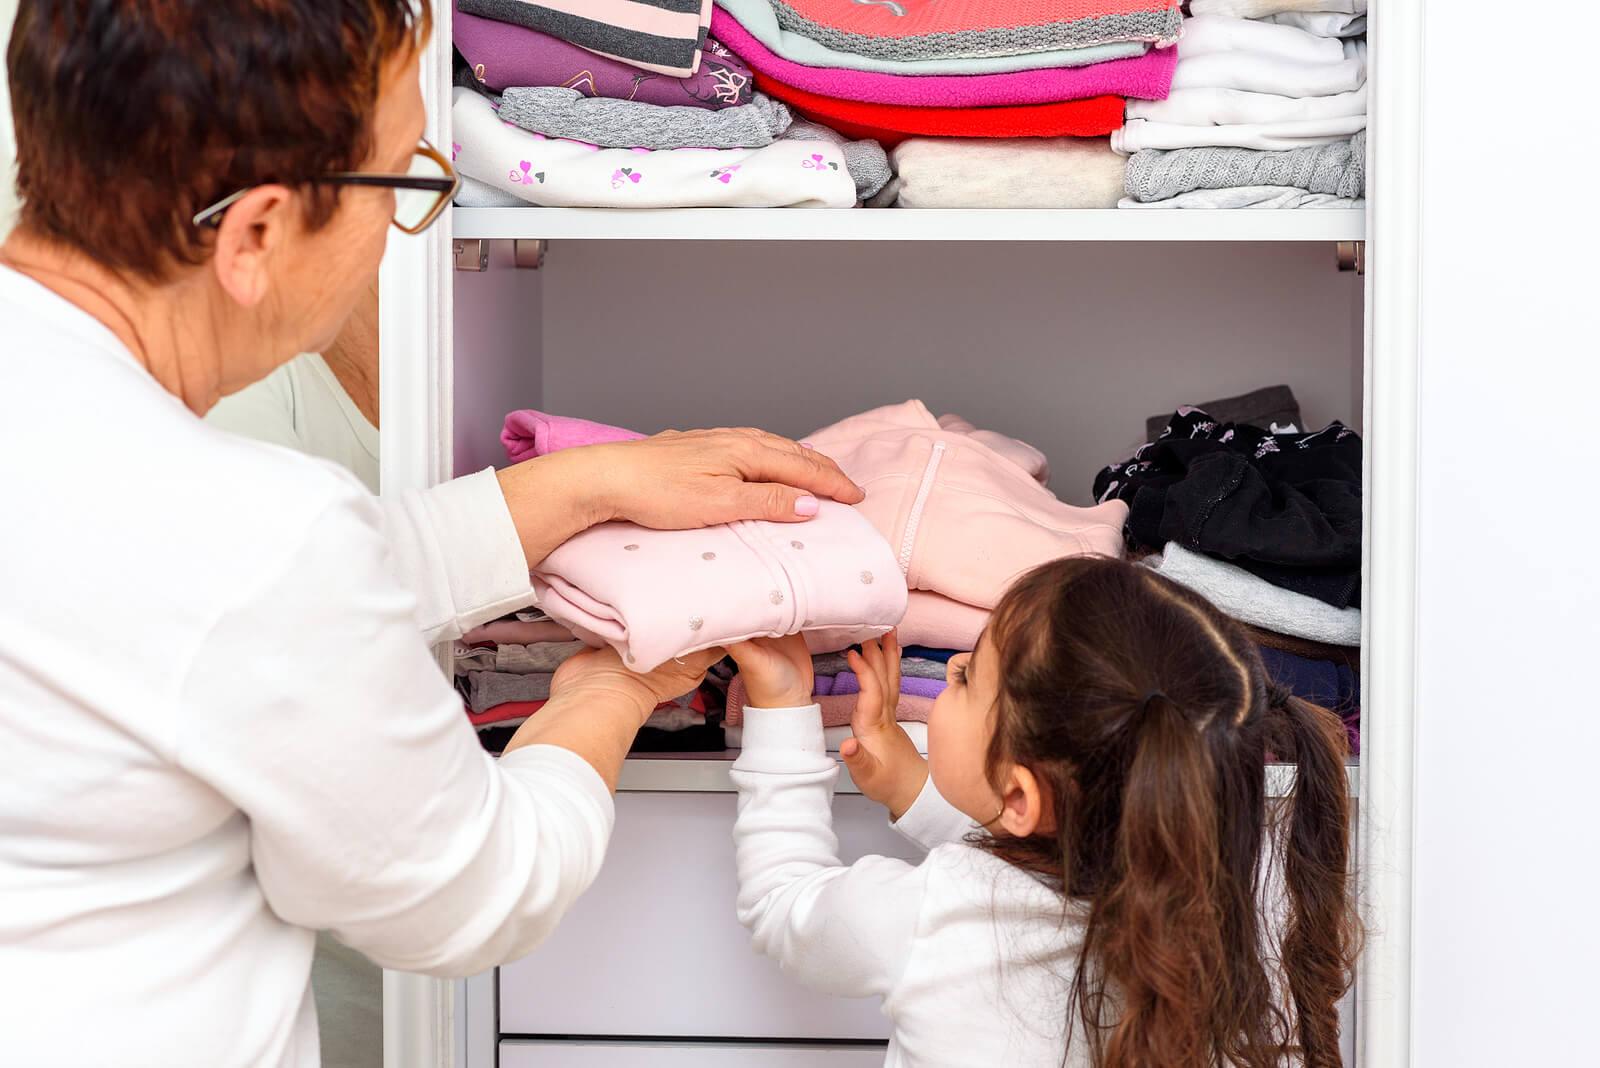 Niña ayudando a su abuela a guardar la ropa en el armario.